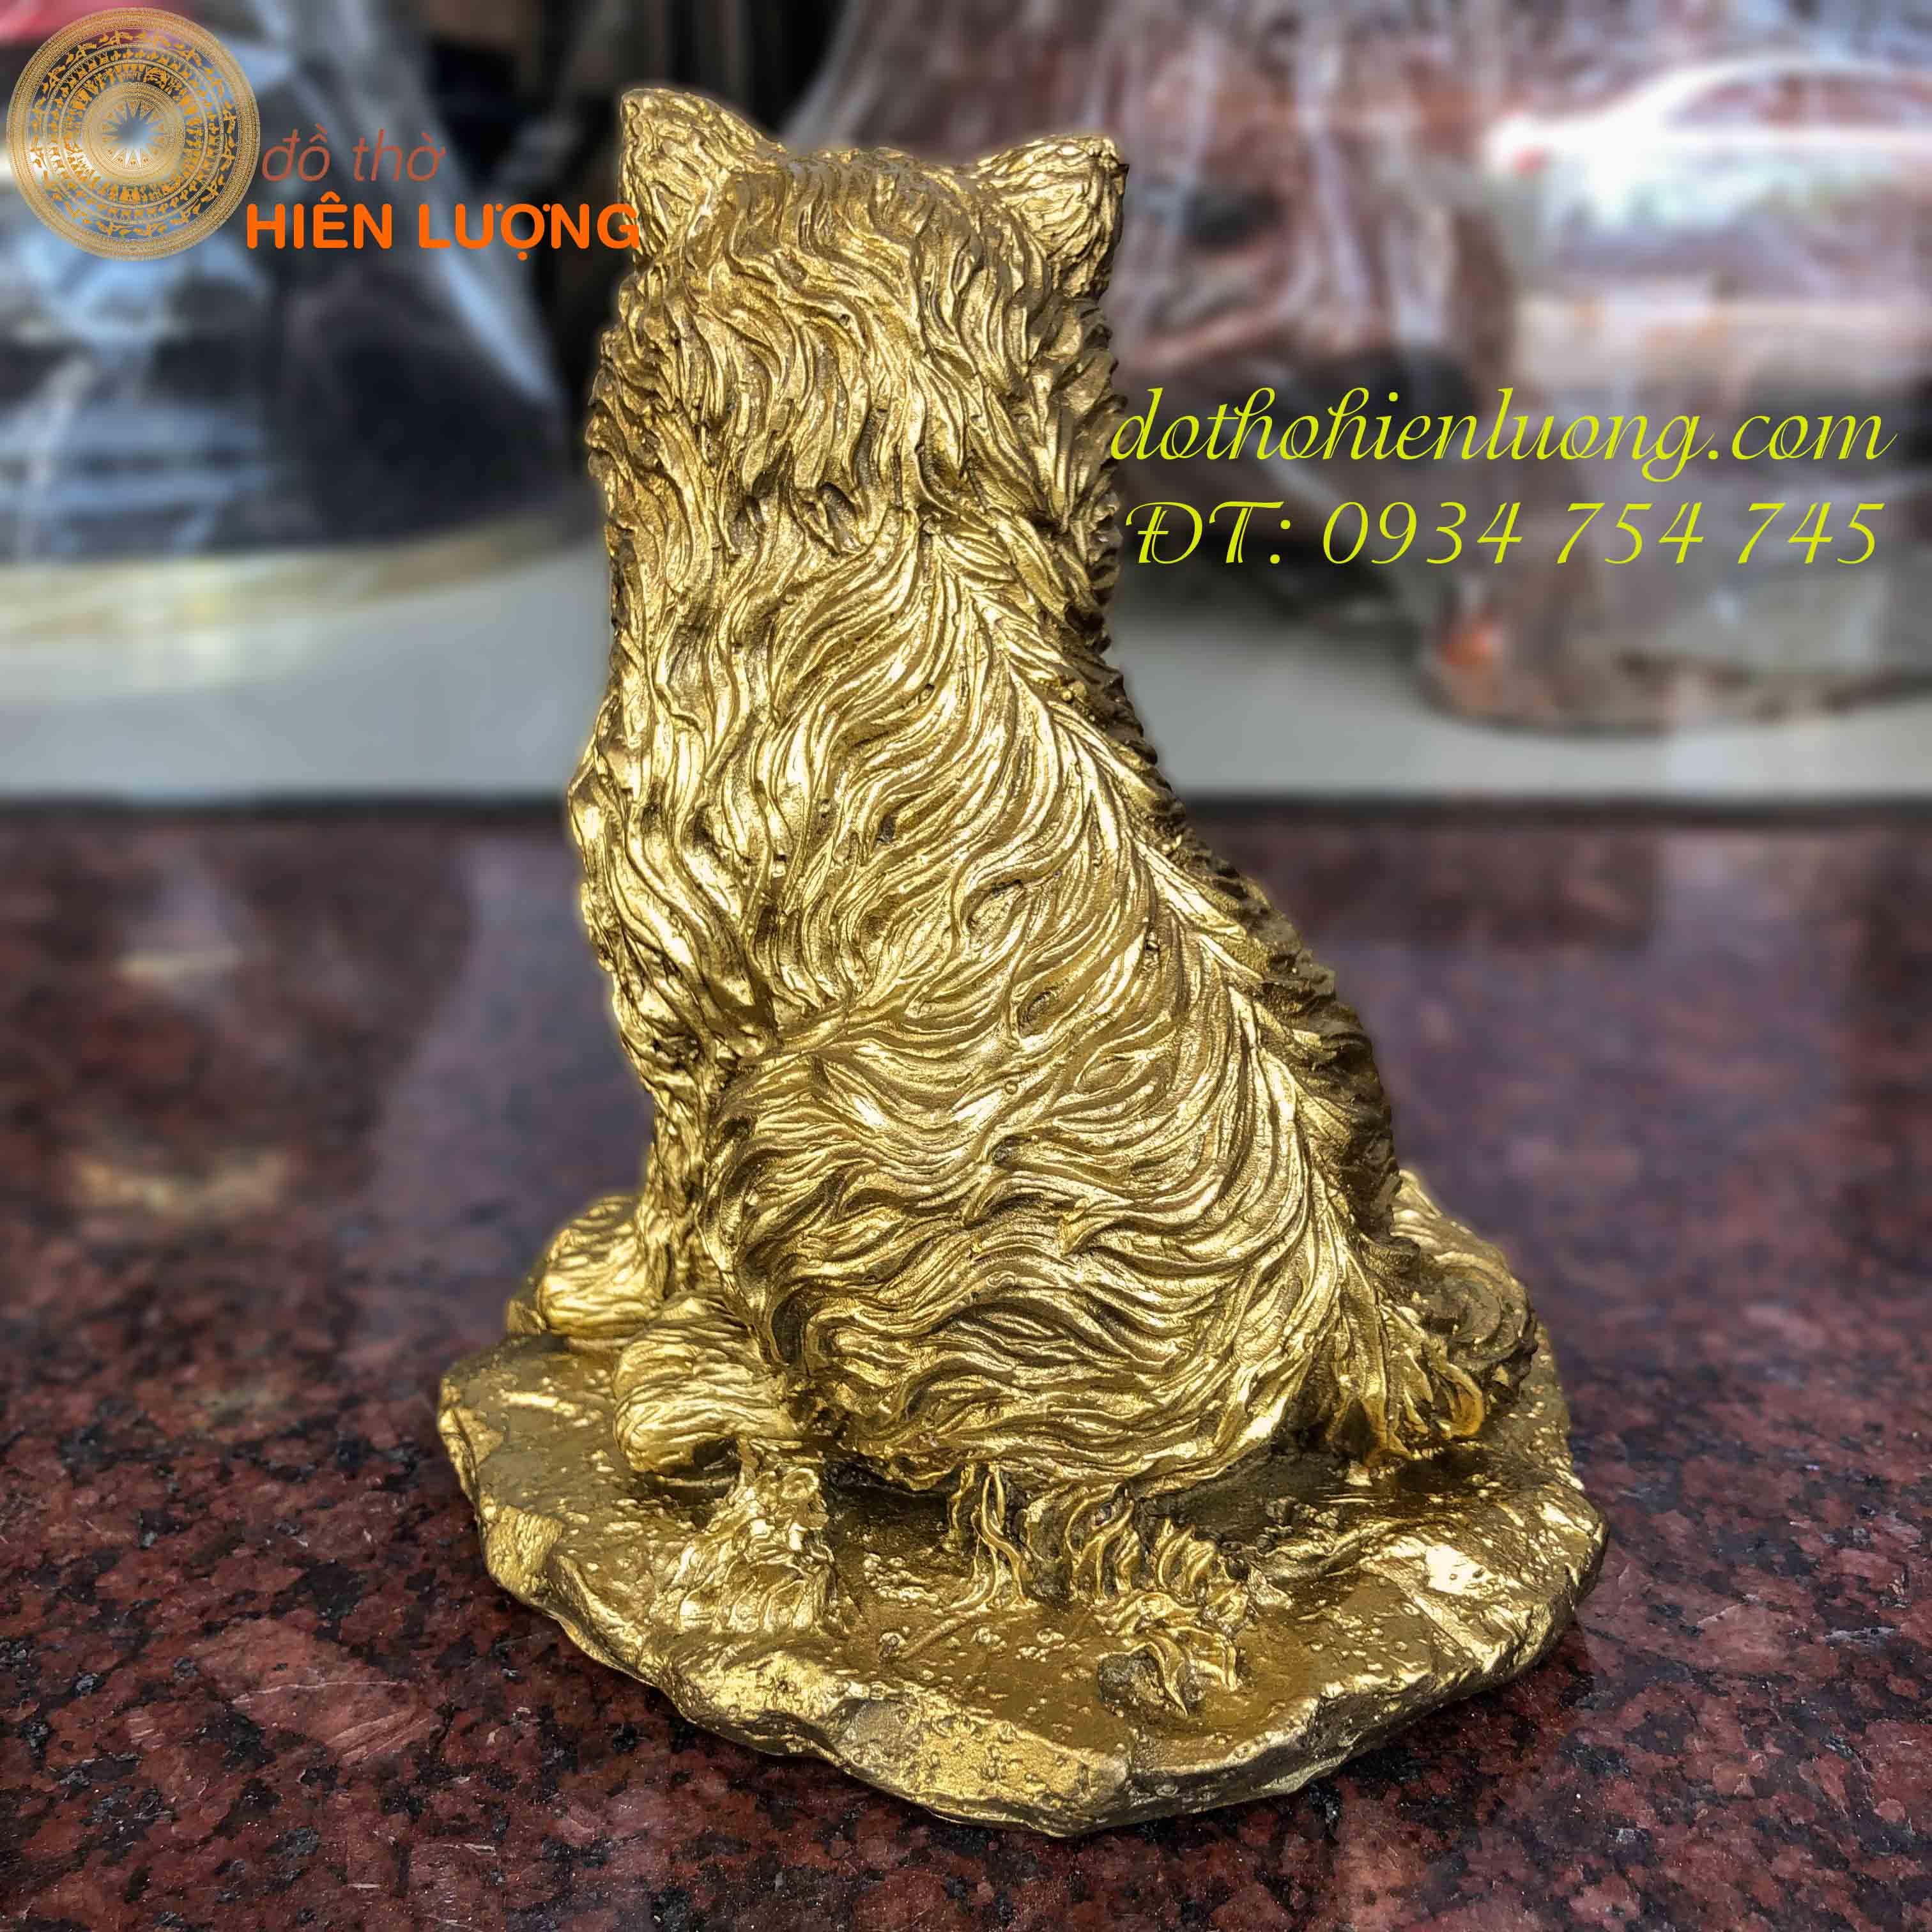 Tượng Mèo Phong Thủy Có Ý Nghĩa Gì